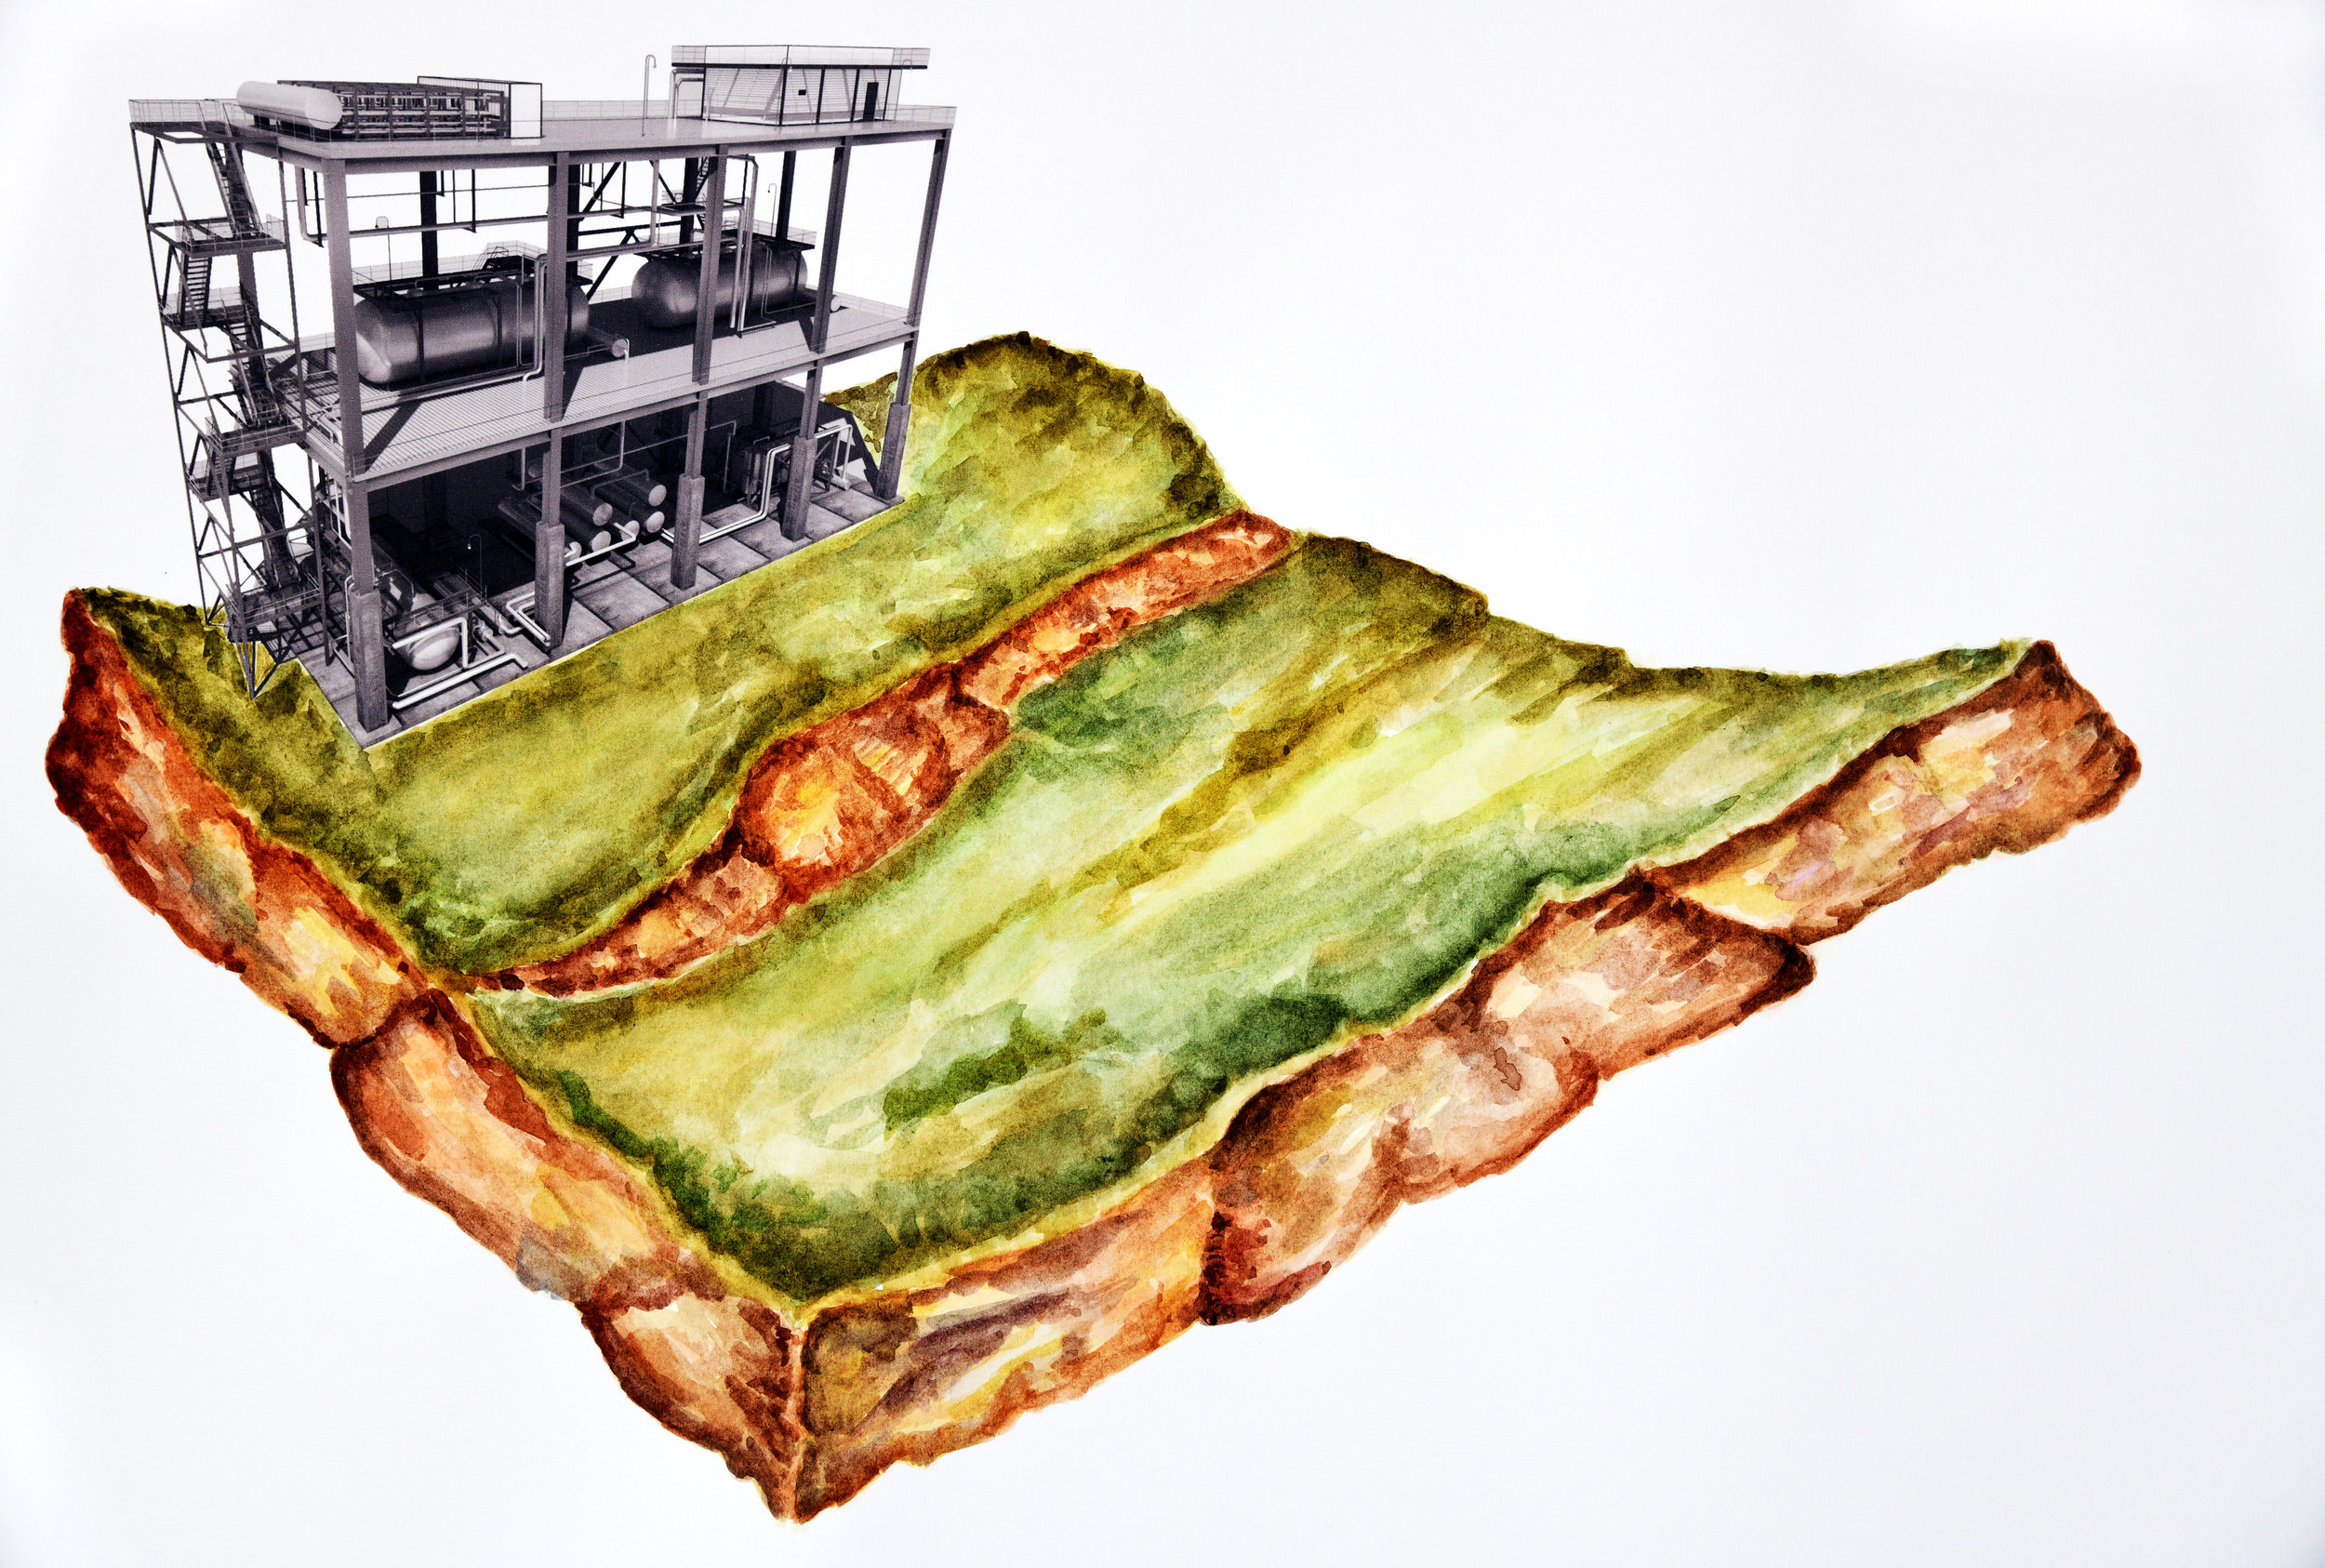 S.T, de la serie Érase un lugar (2019) -  50 x 70 cm - Acuarela en impresión digital sobre papel / Watercolor and digital print on paper